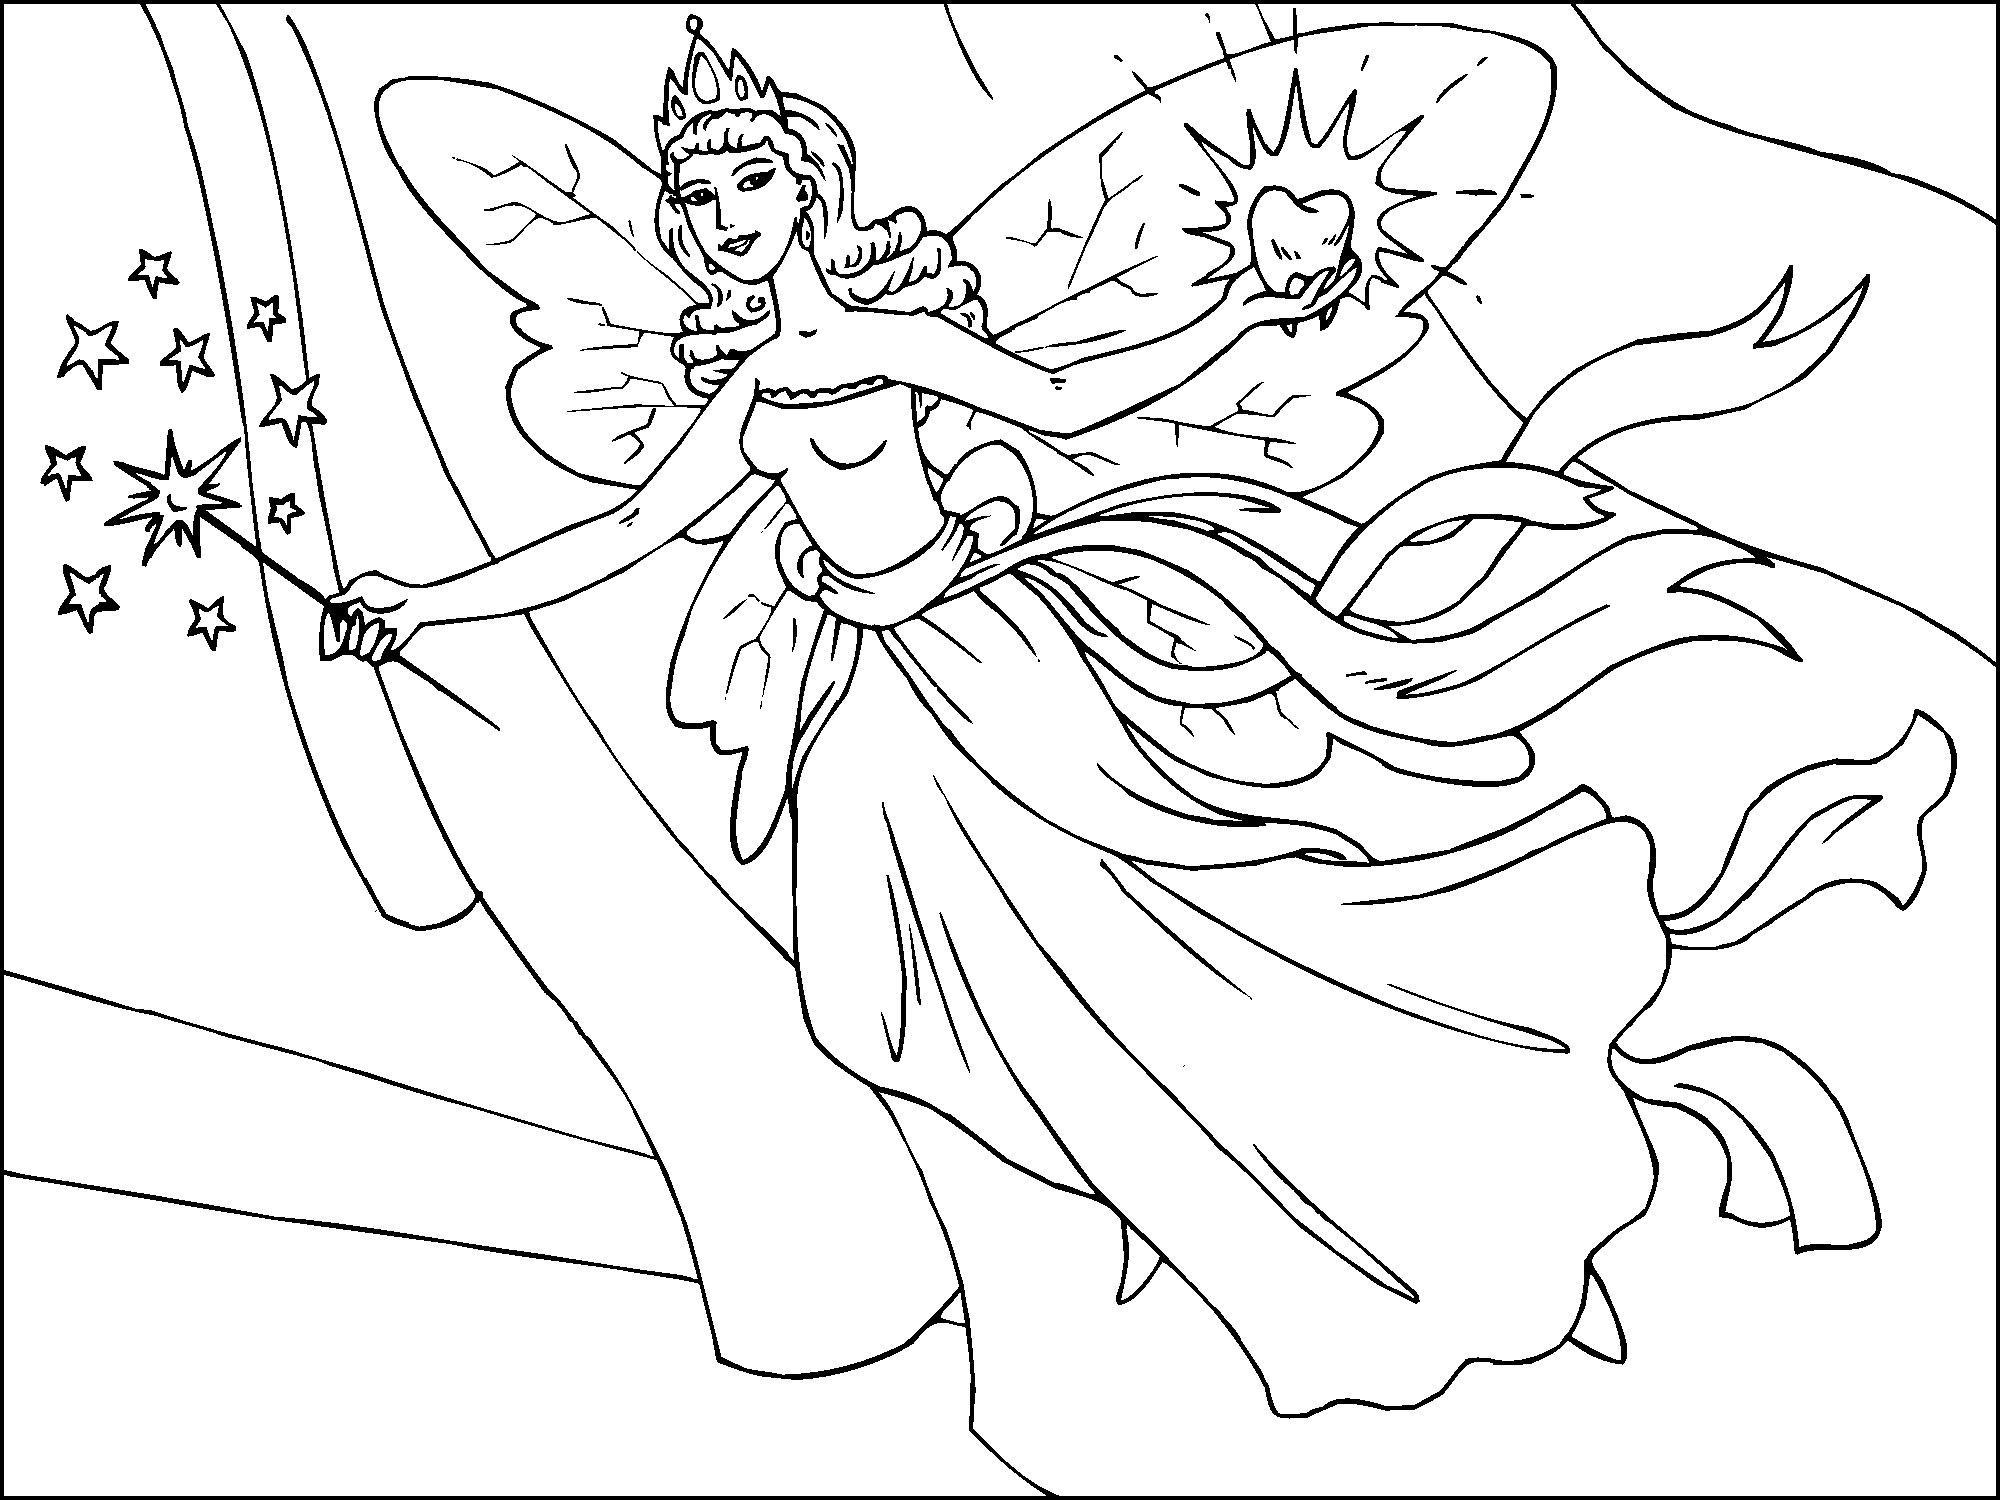 Dibujo Para Colorear Hada De Los Dientes Img 22819 Images